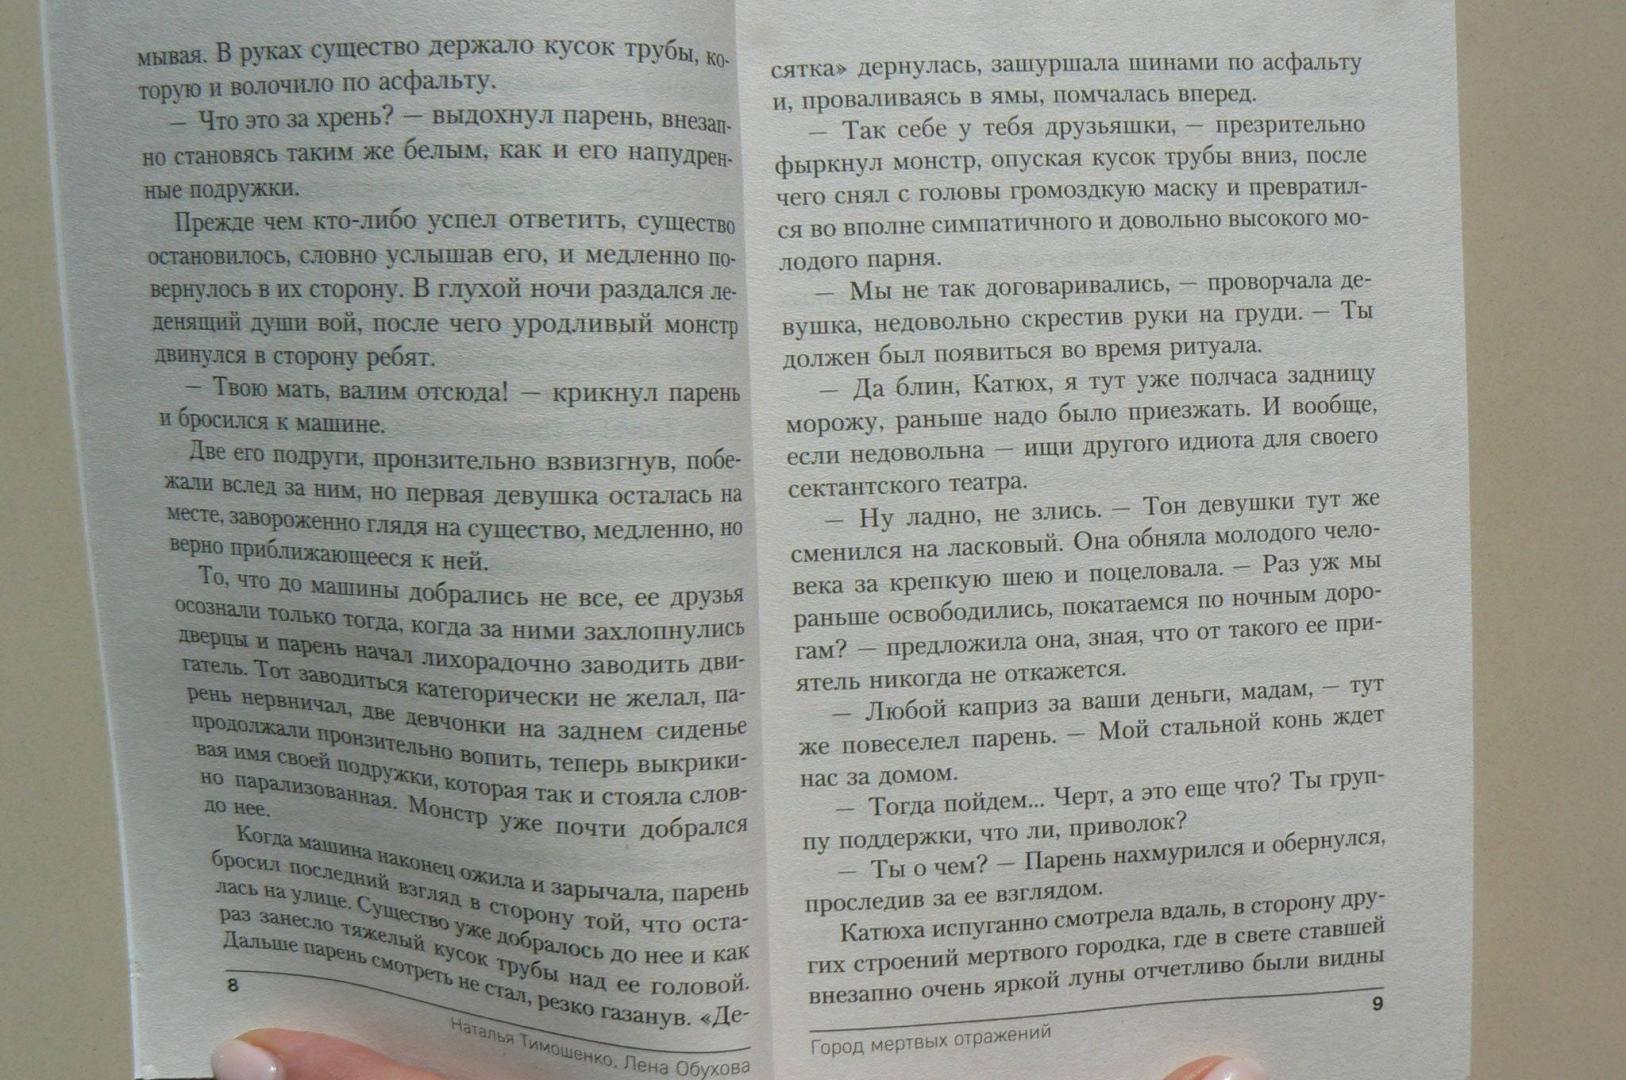 Иллюстрация 5 из 17 для Город мертвых отражений - Тимошенко, Обухова | Лабиринт - книги. Источник: Марина